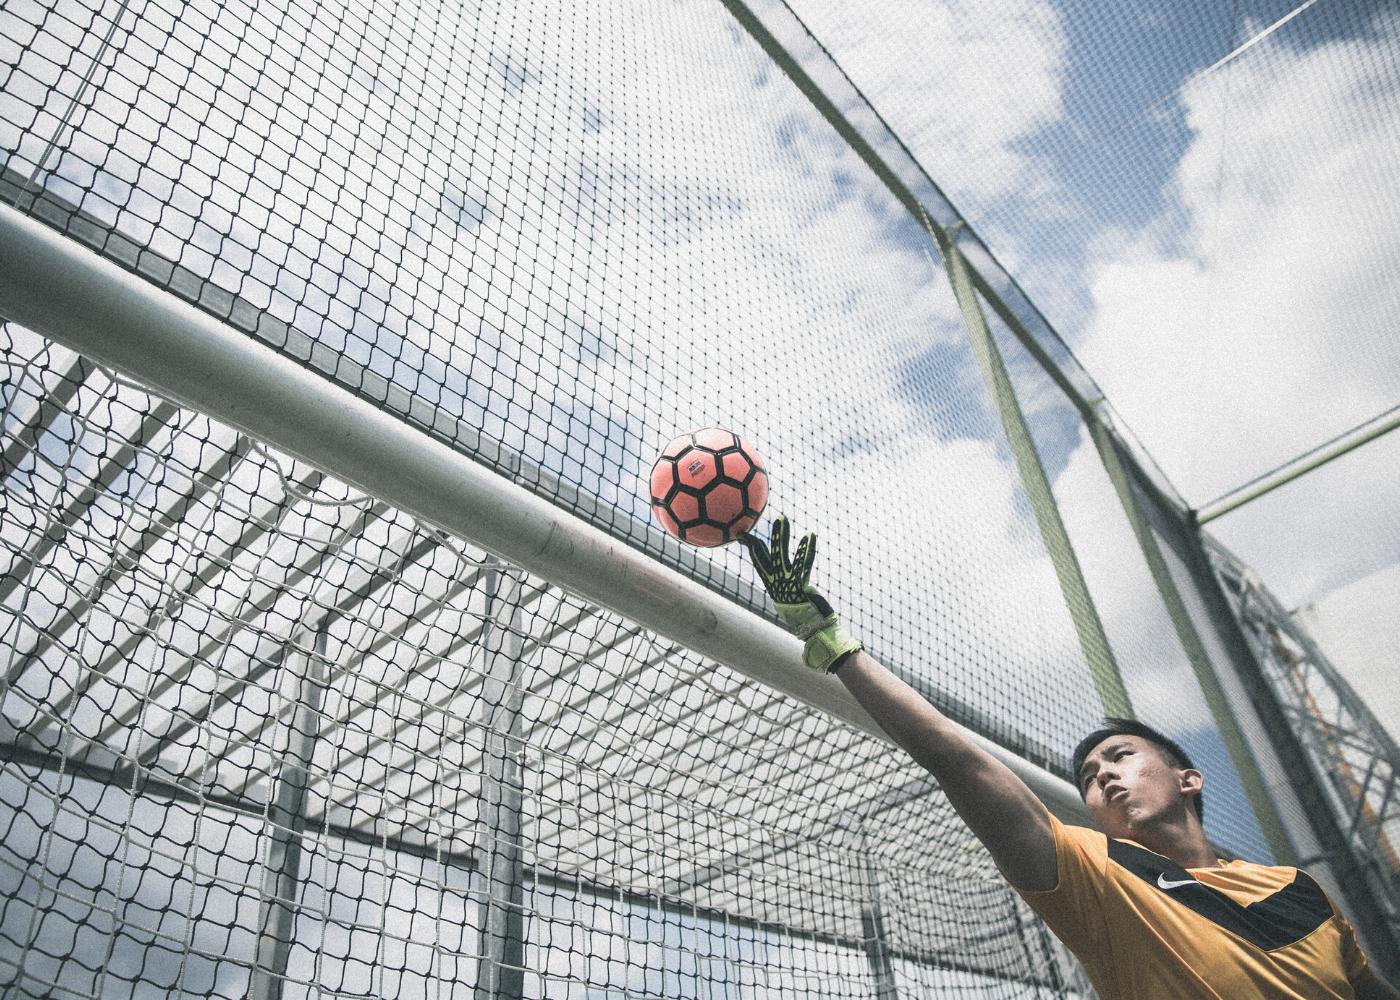 Photography: Stranger Soccer